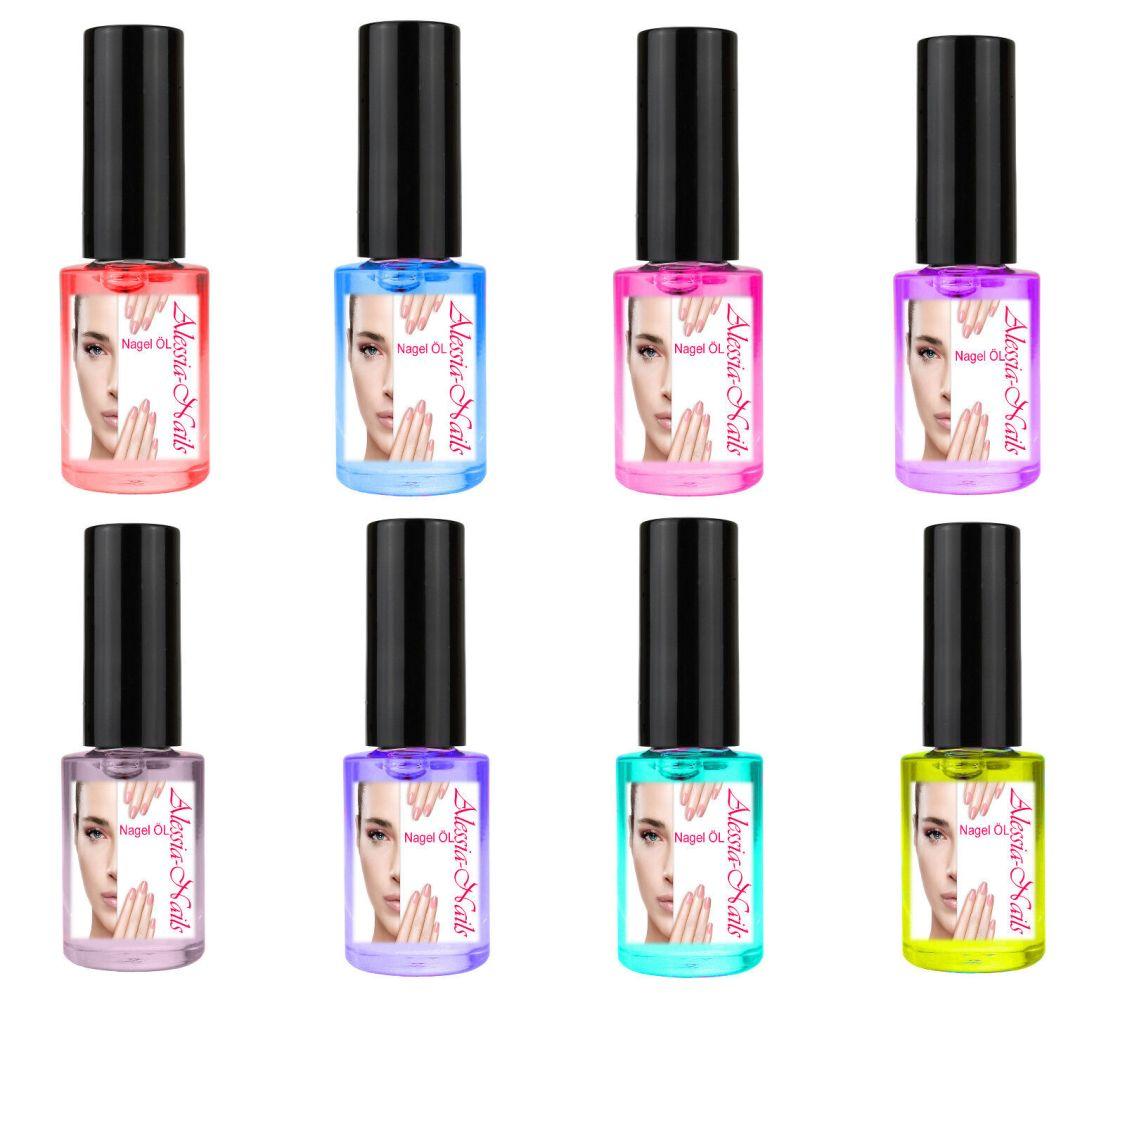 Nagelhautpflegeöl Pflegeöl Nagelhaut Duftöl Massageöl nagelöl 5 ml Alessia-Nails